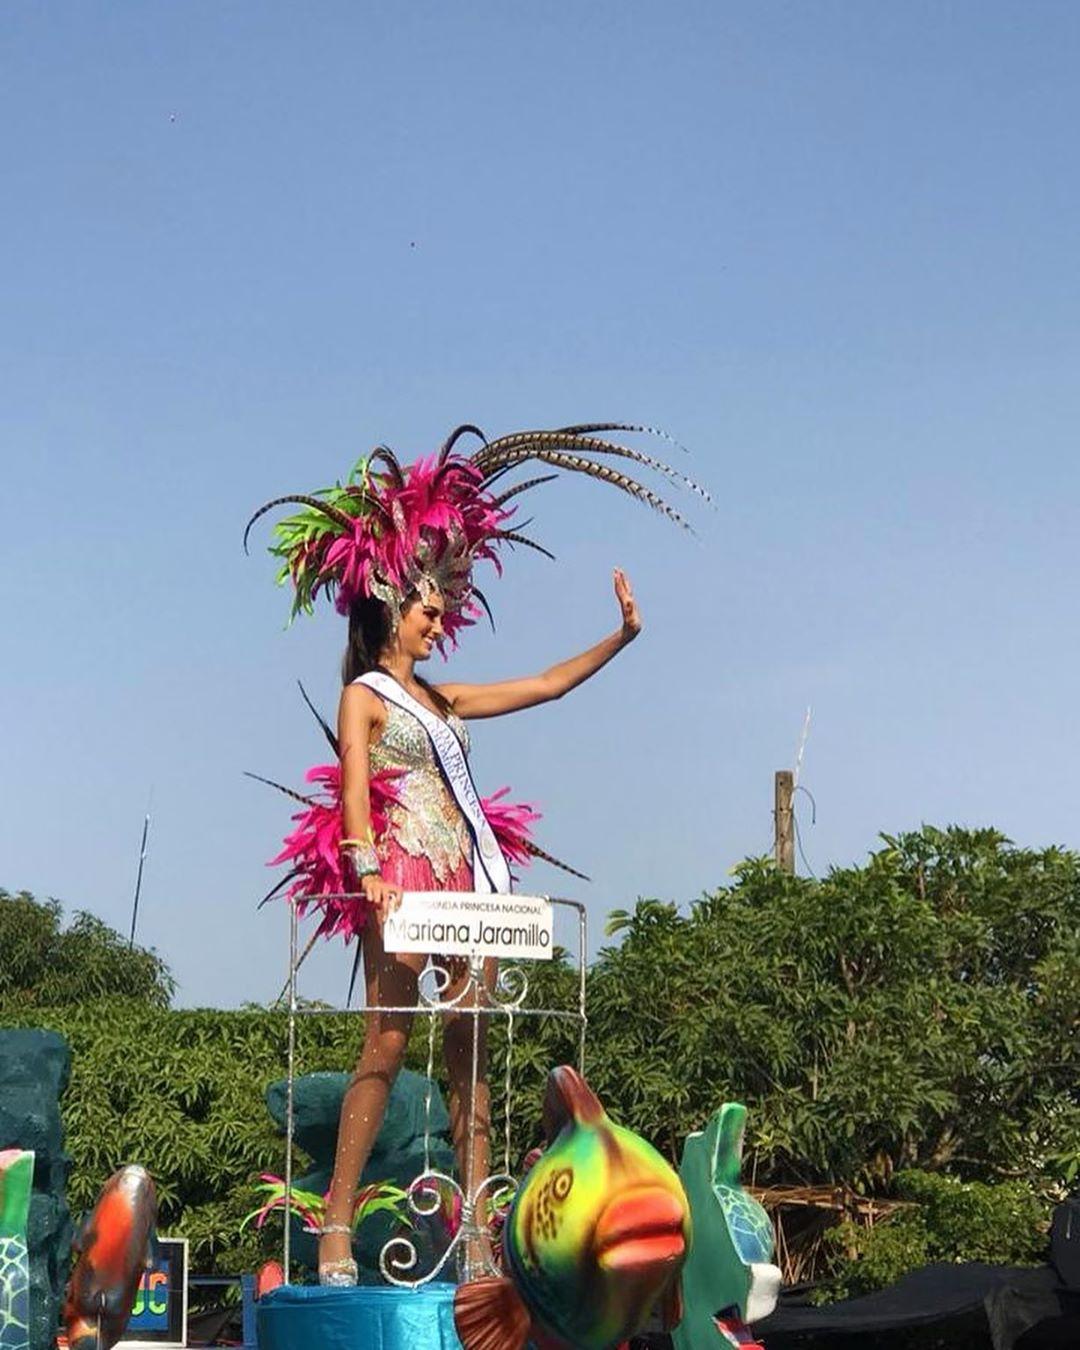 mariana jaramillo, miss charm colombia 2020. - Página 2 87613510